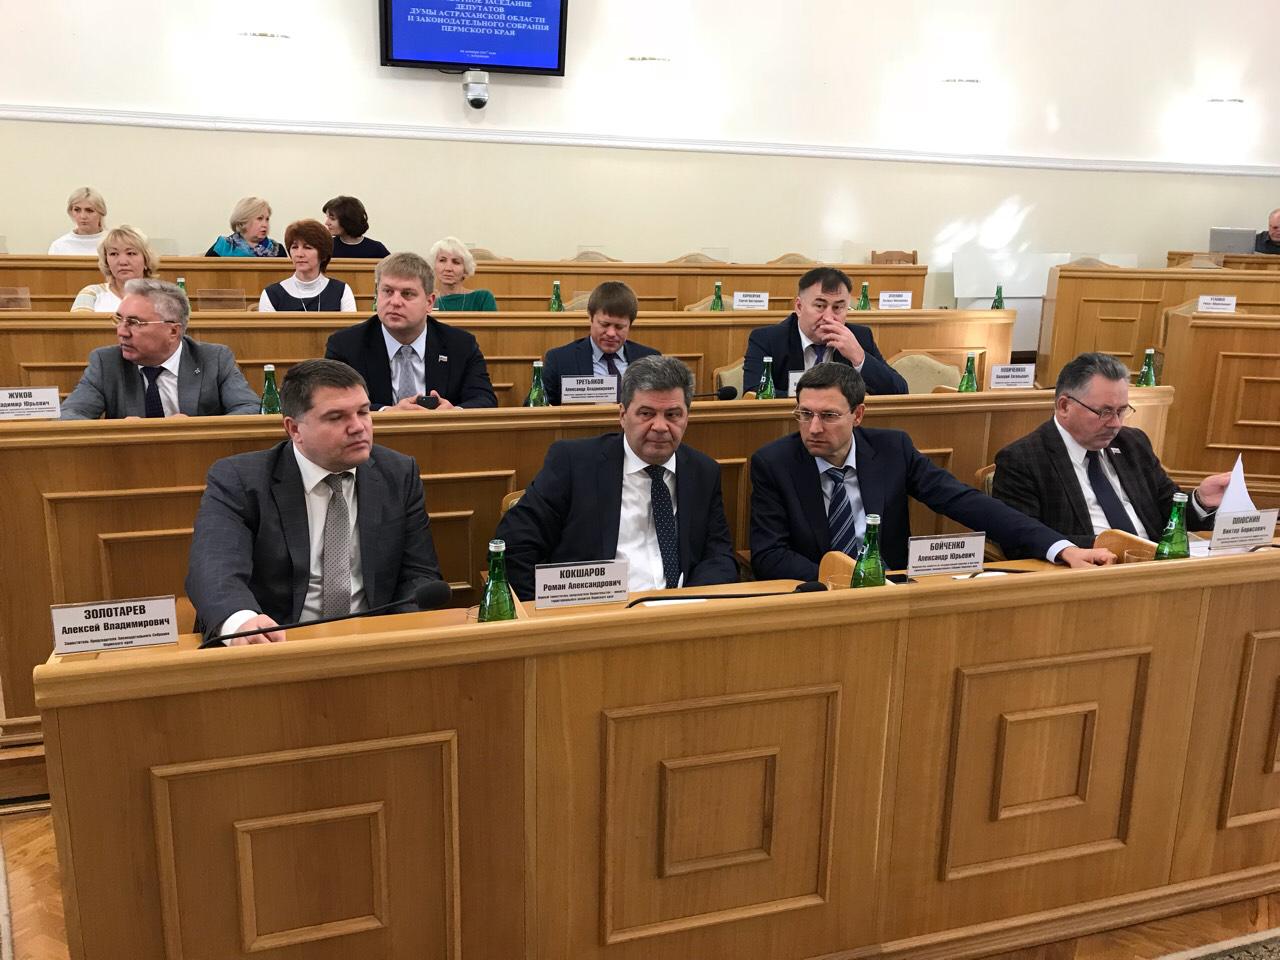 Народные избранники Законодательного собрания Прикамья обсудили састраханскими коллегами перспективы региональной налоговой политики